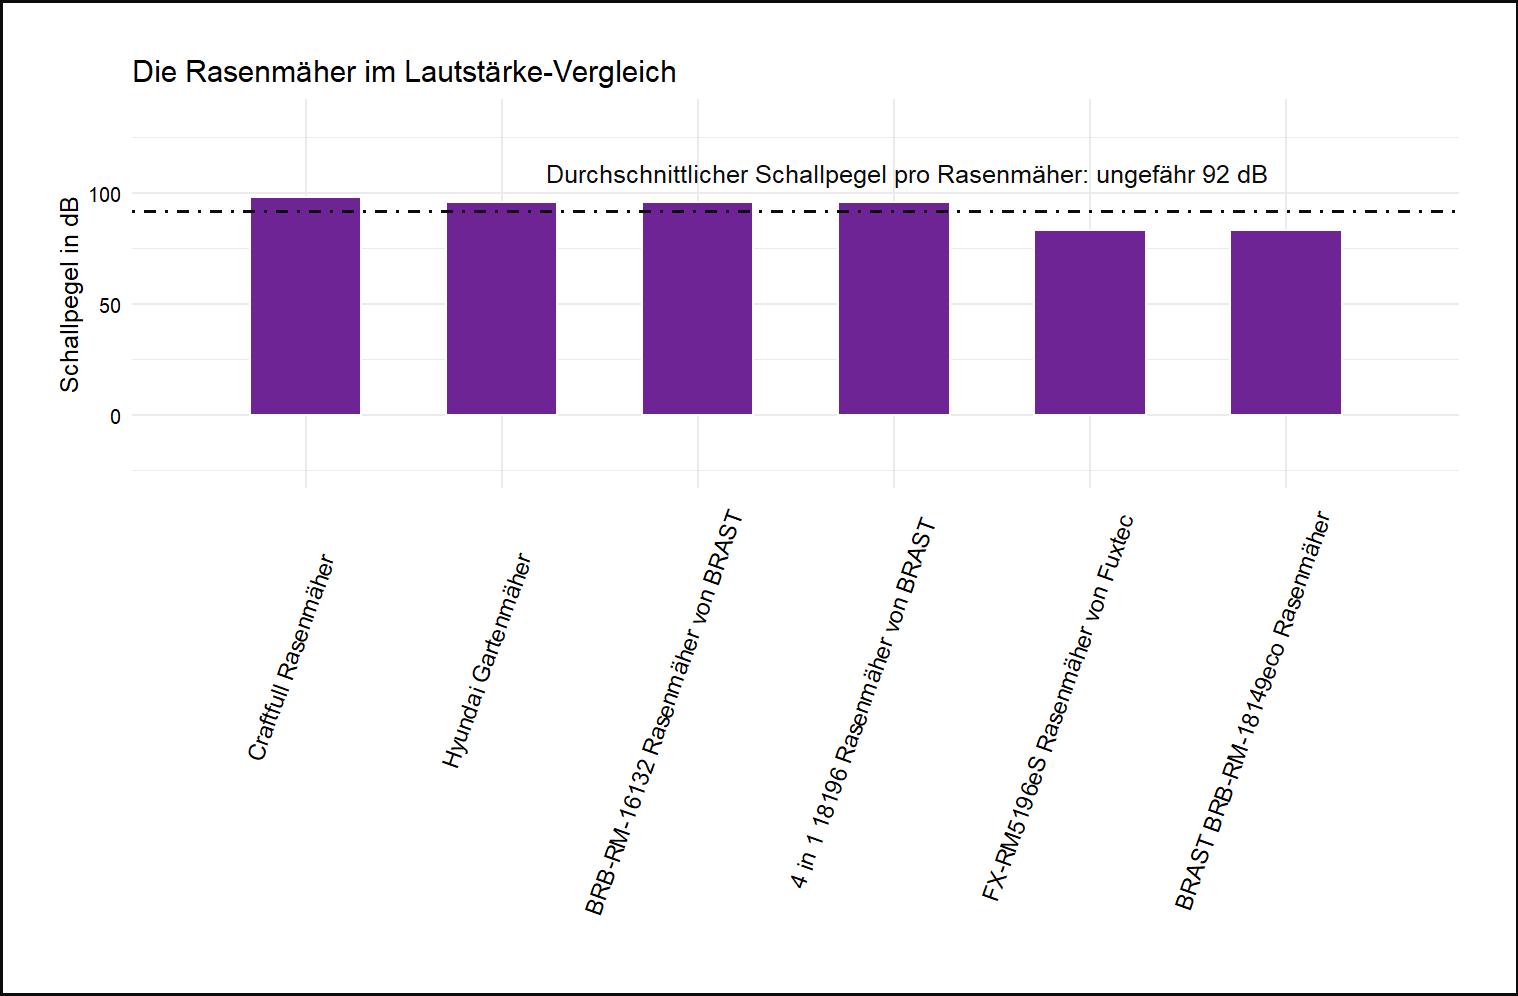 Geräuschpegel-Vergleich aller Rasenmäher